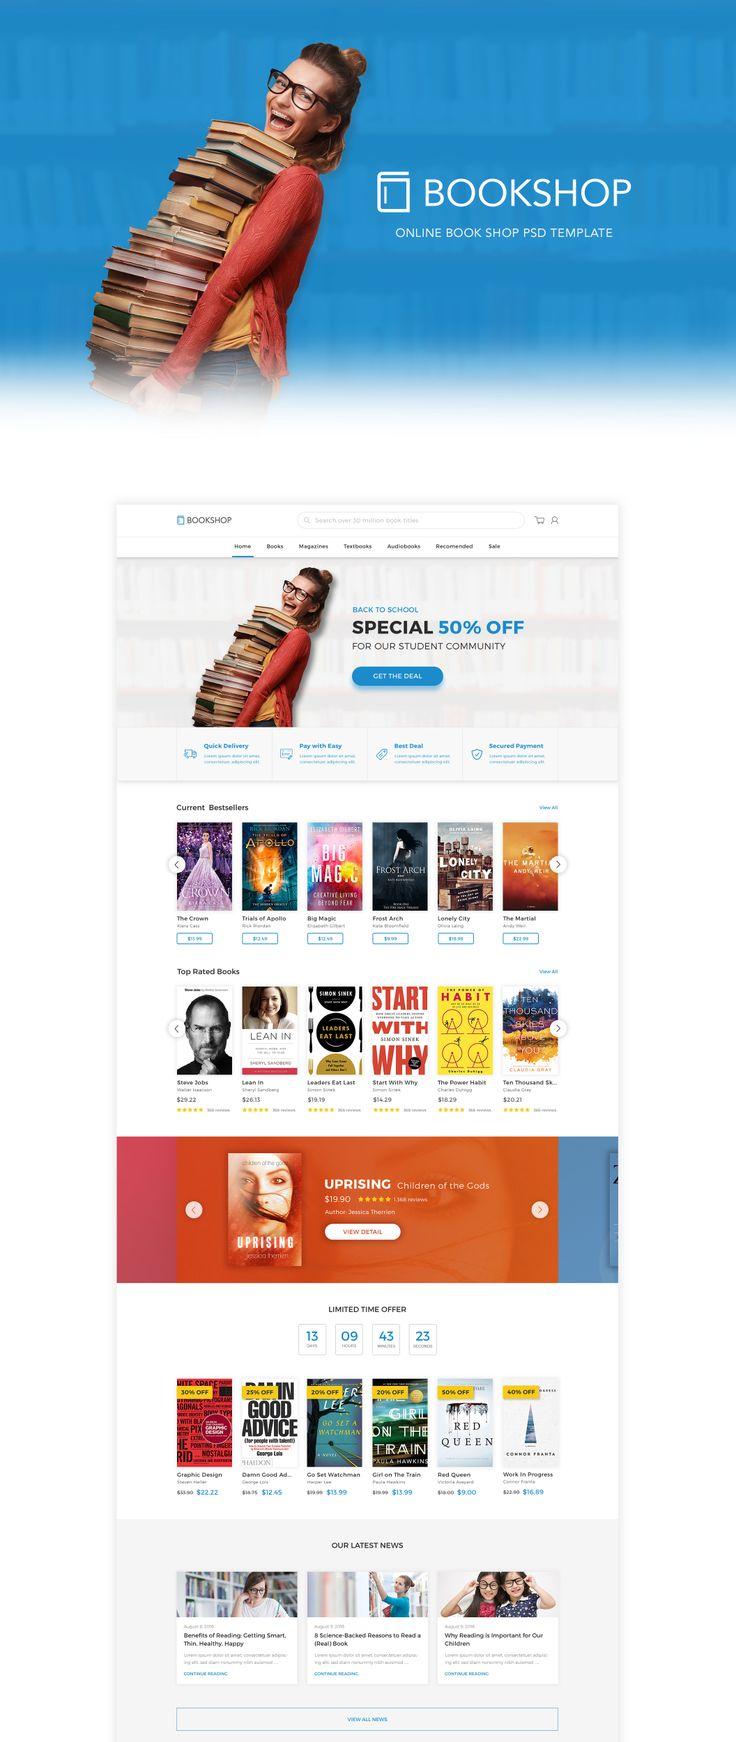 Modern & Fresh Online Book Store Template Psd